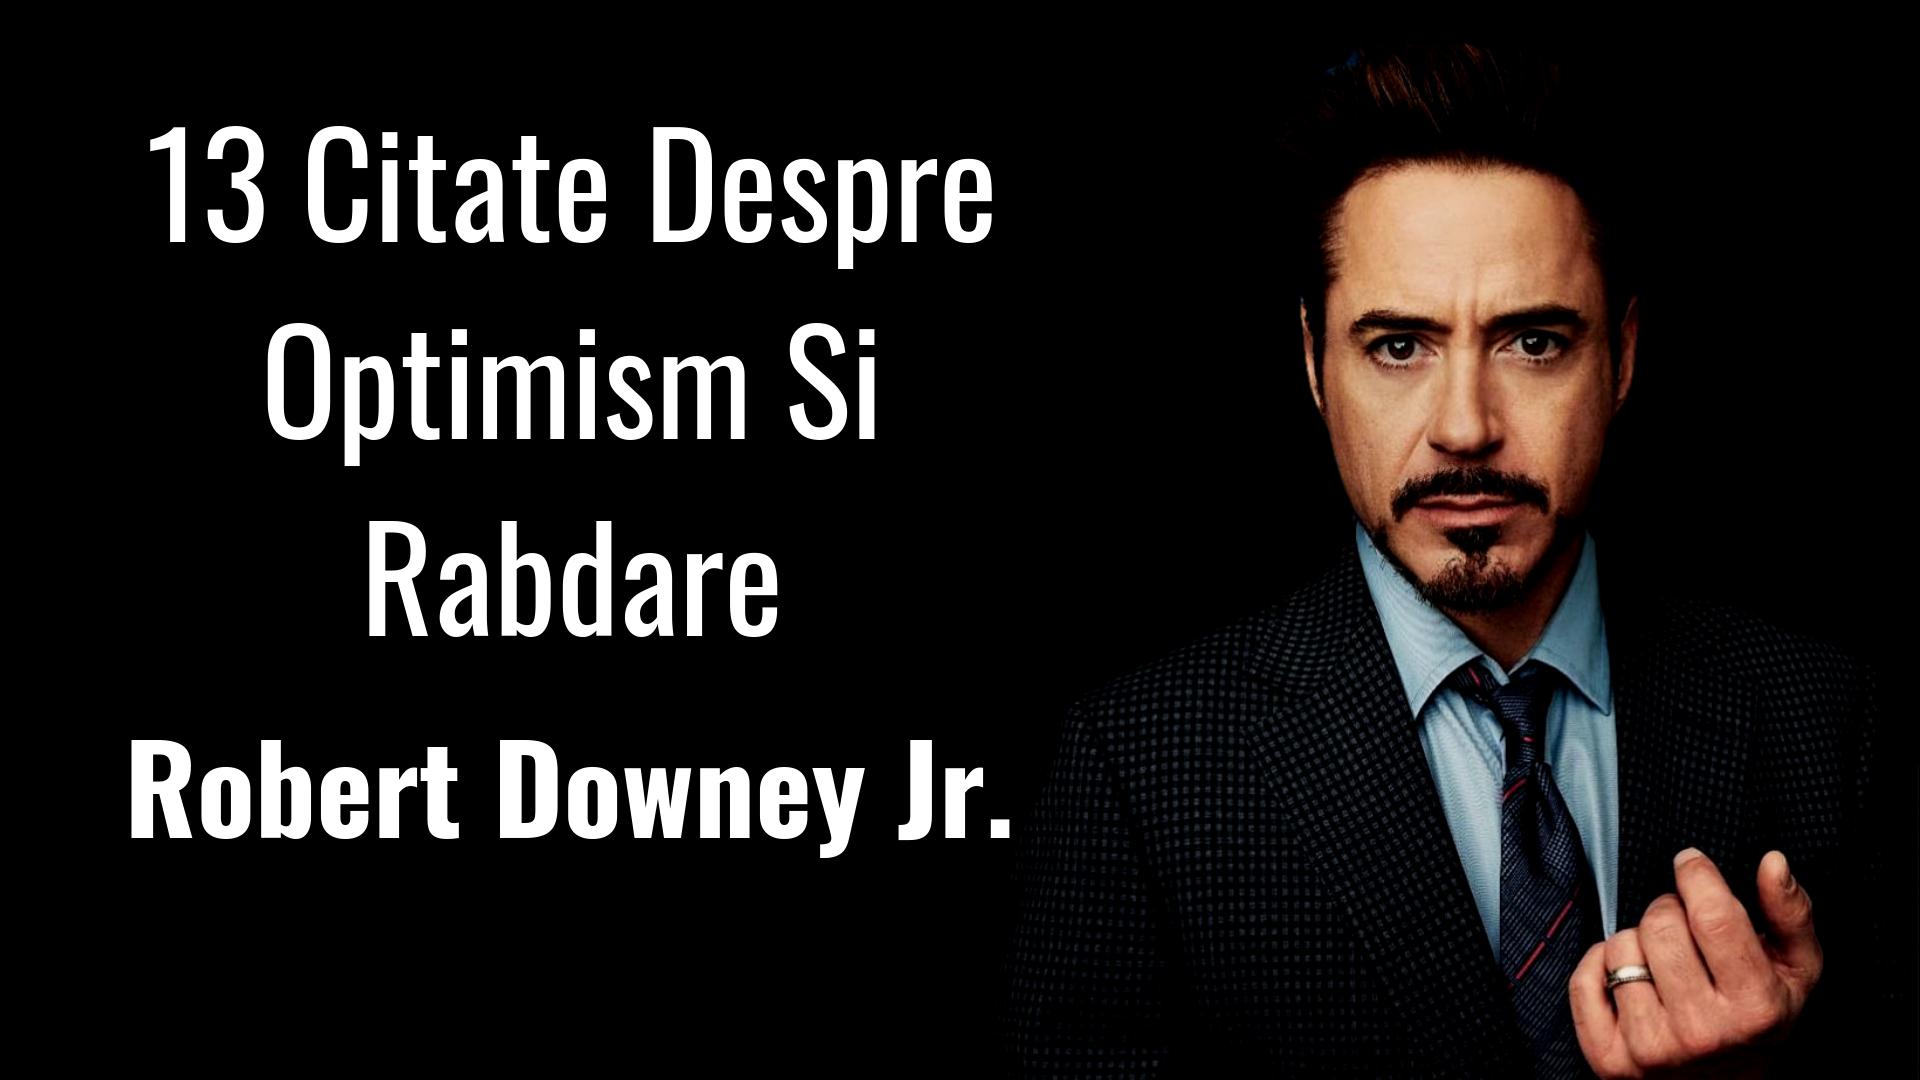 citate despre Robert Downey Jr.   13 Citate Despre Optimism Si Rabdare | Leo  citate despre